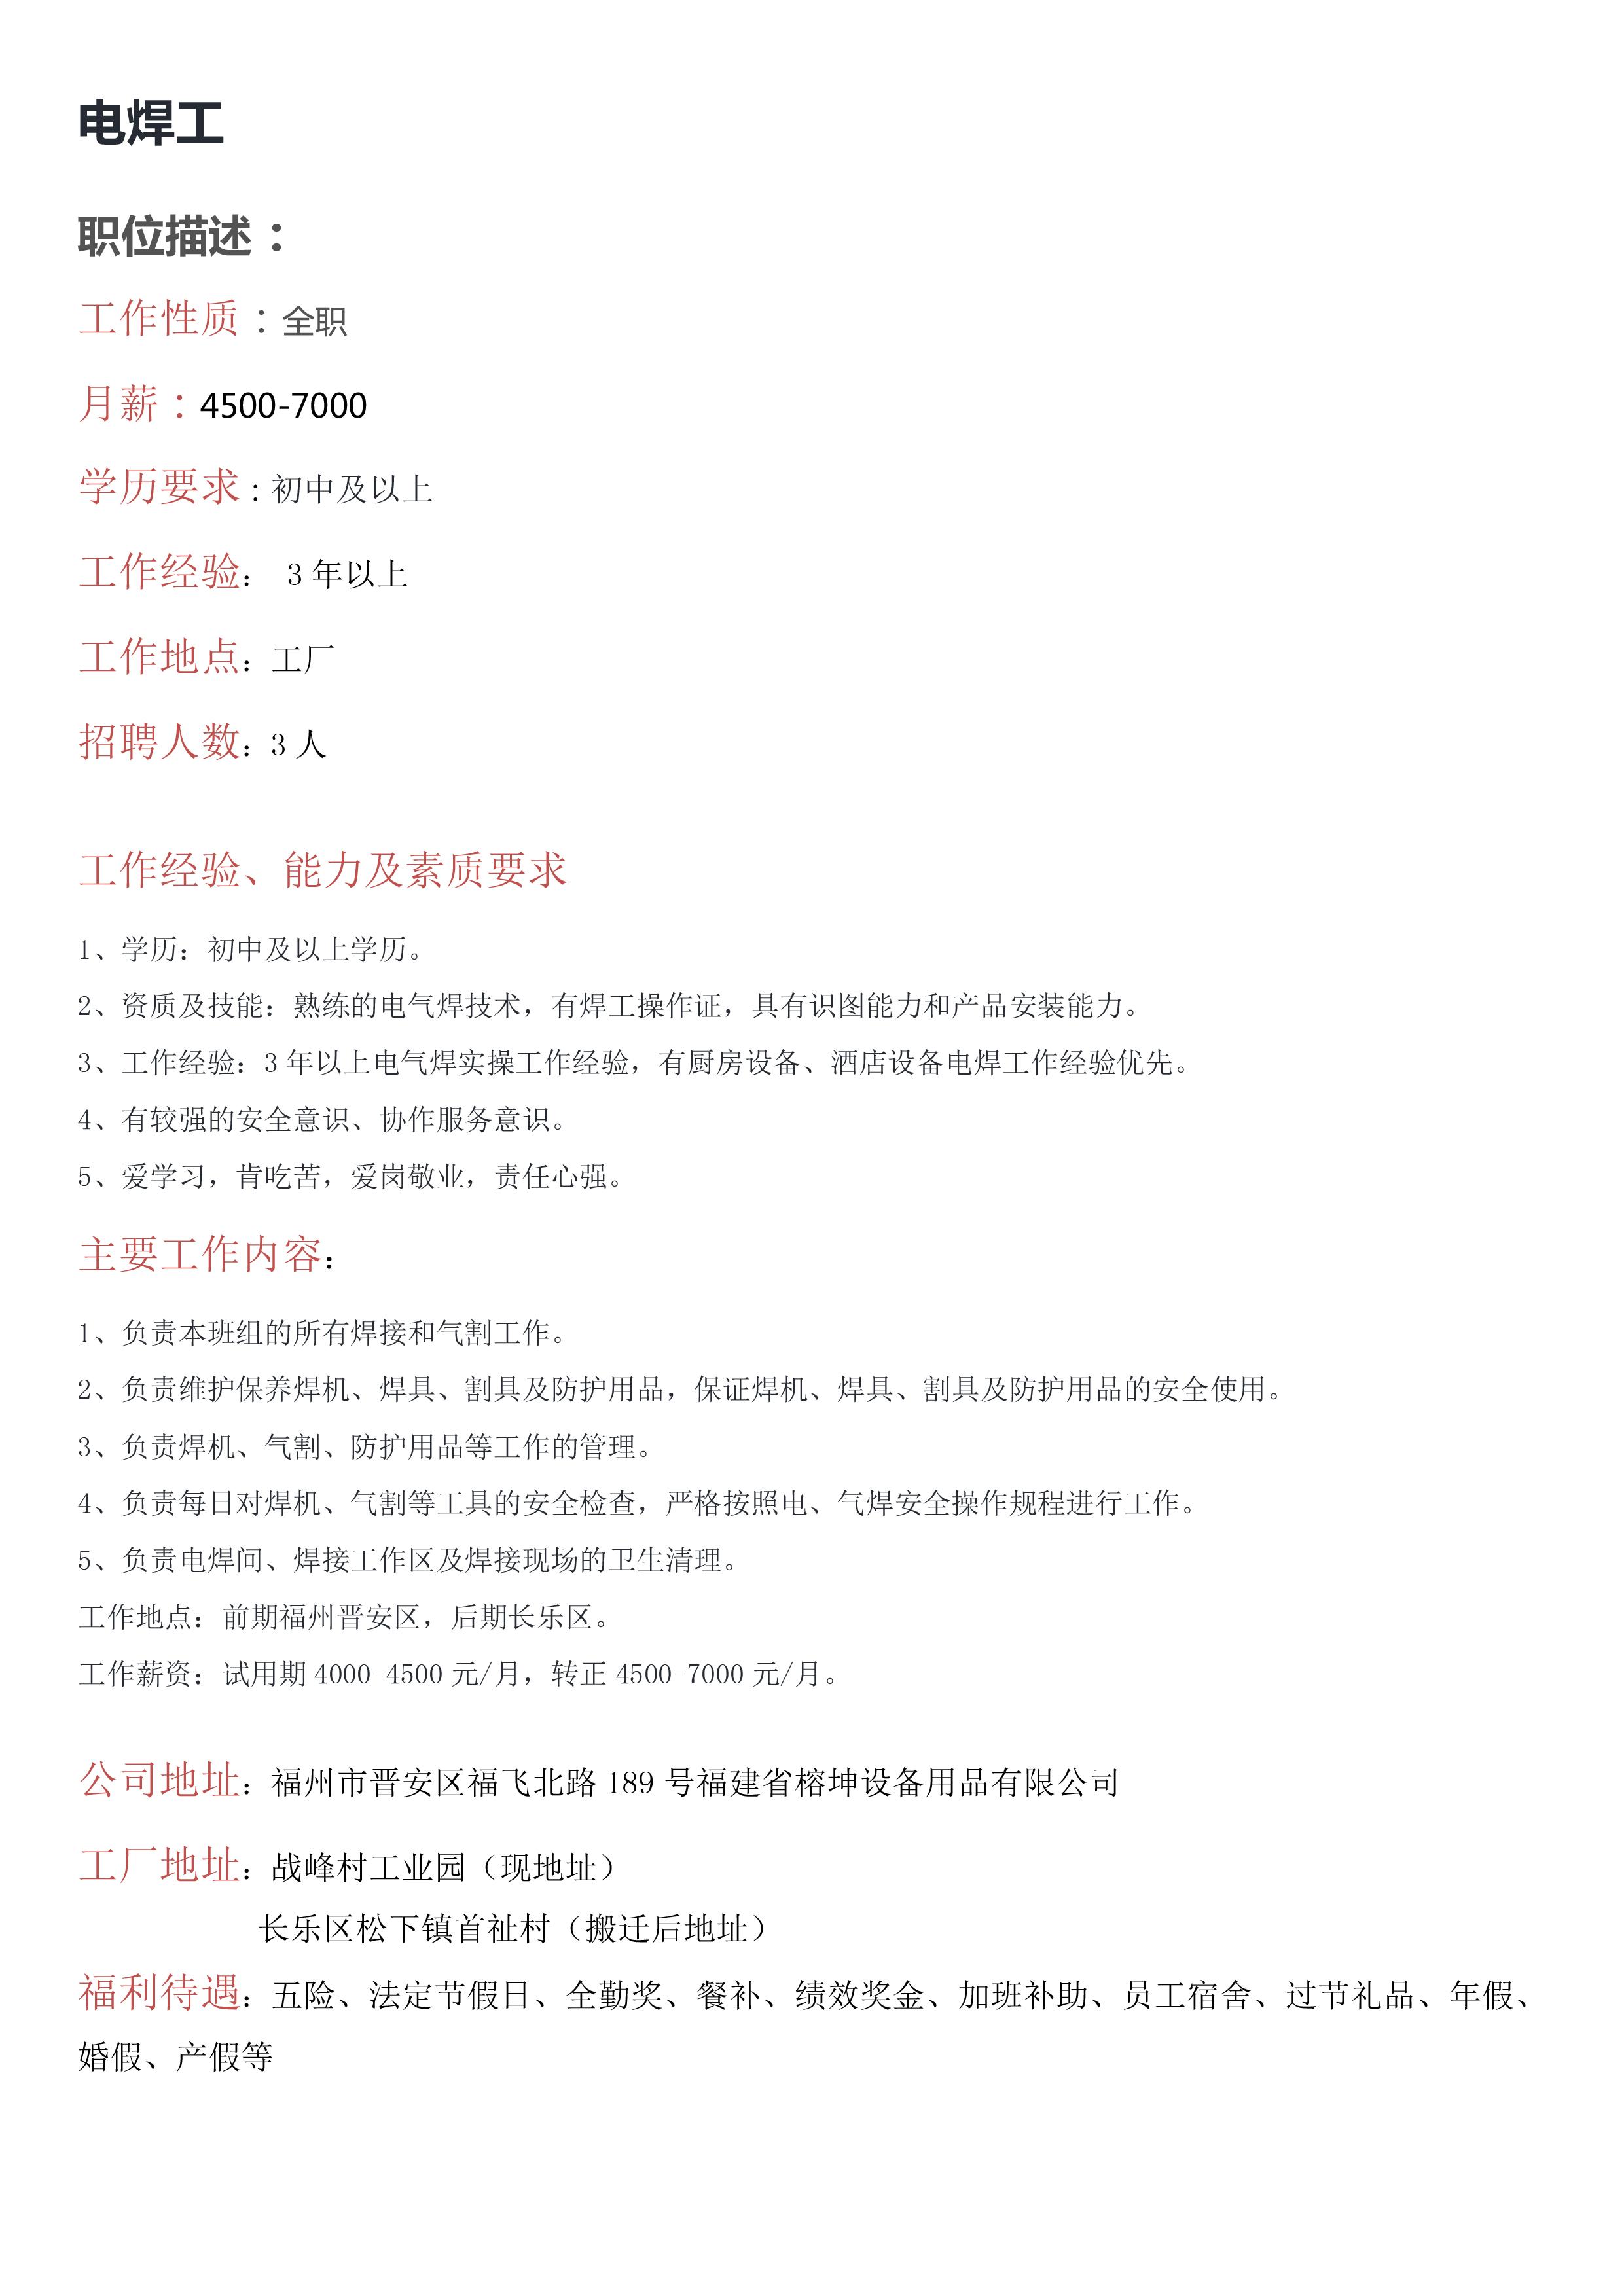 榕坤招聘岗位1-4 拷贝.jpg